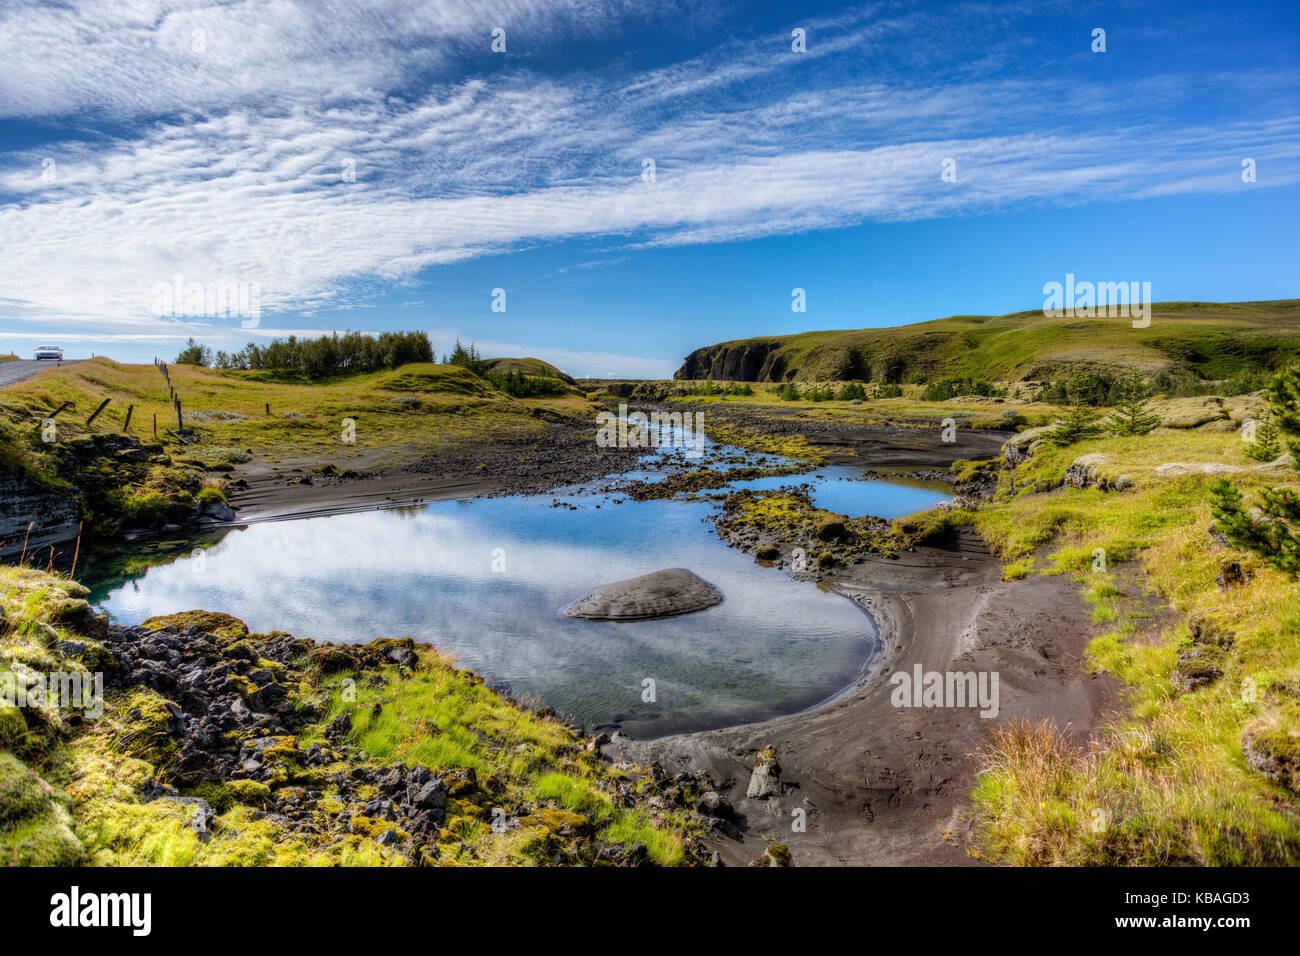 Giornata di sole nel sud est dell'Islanda Immagini Stock